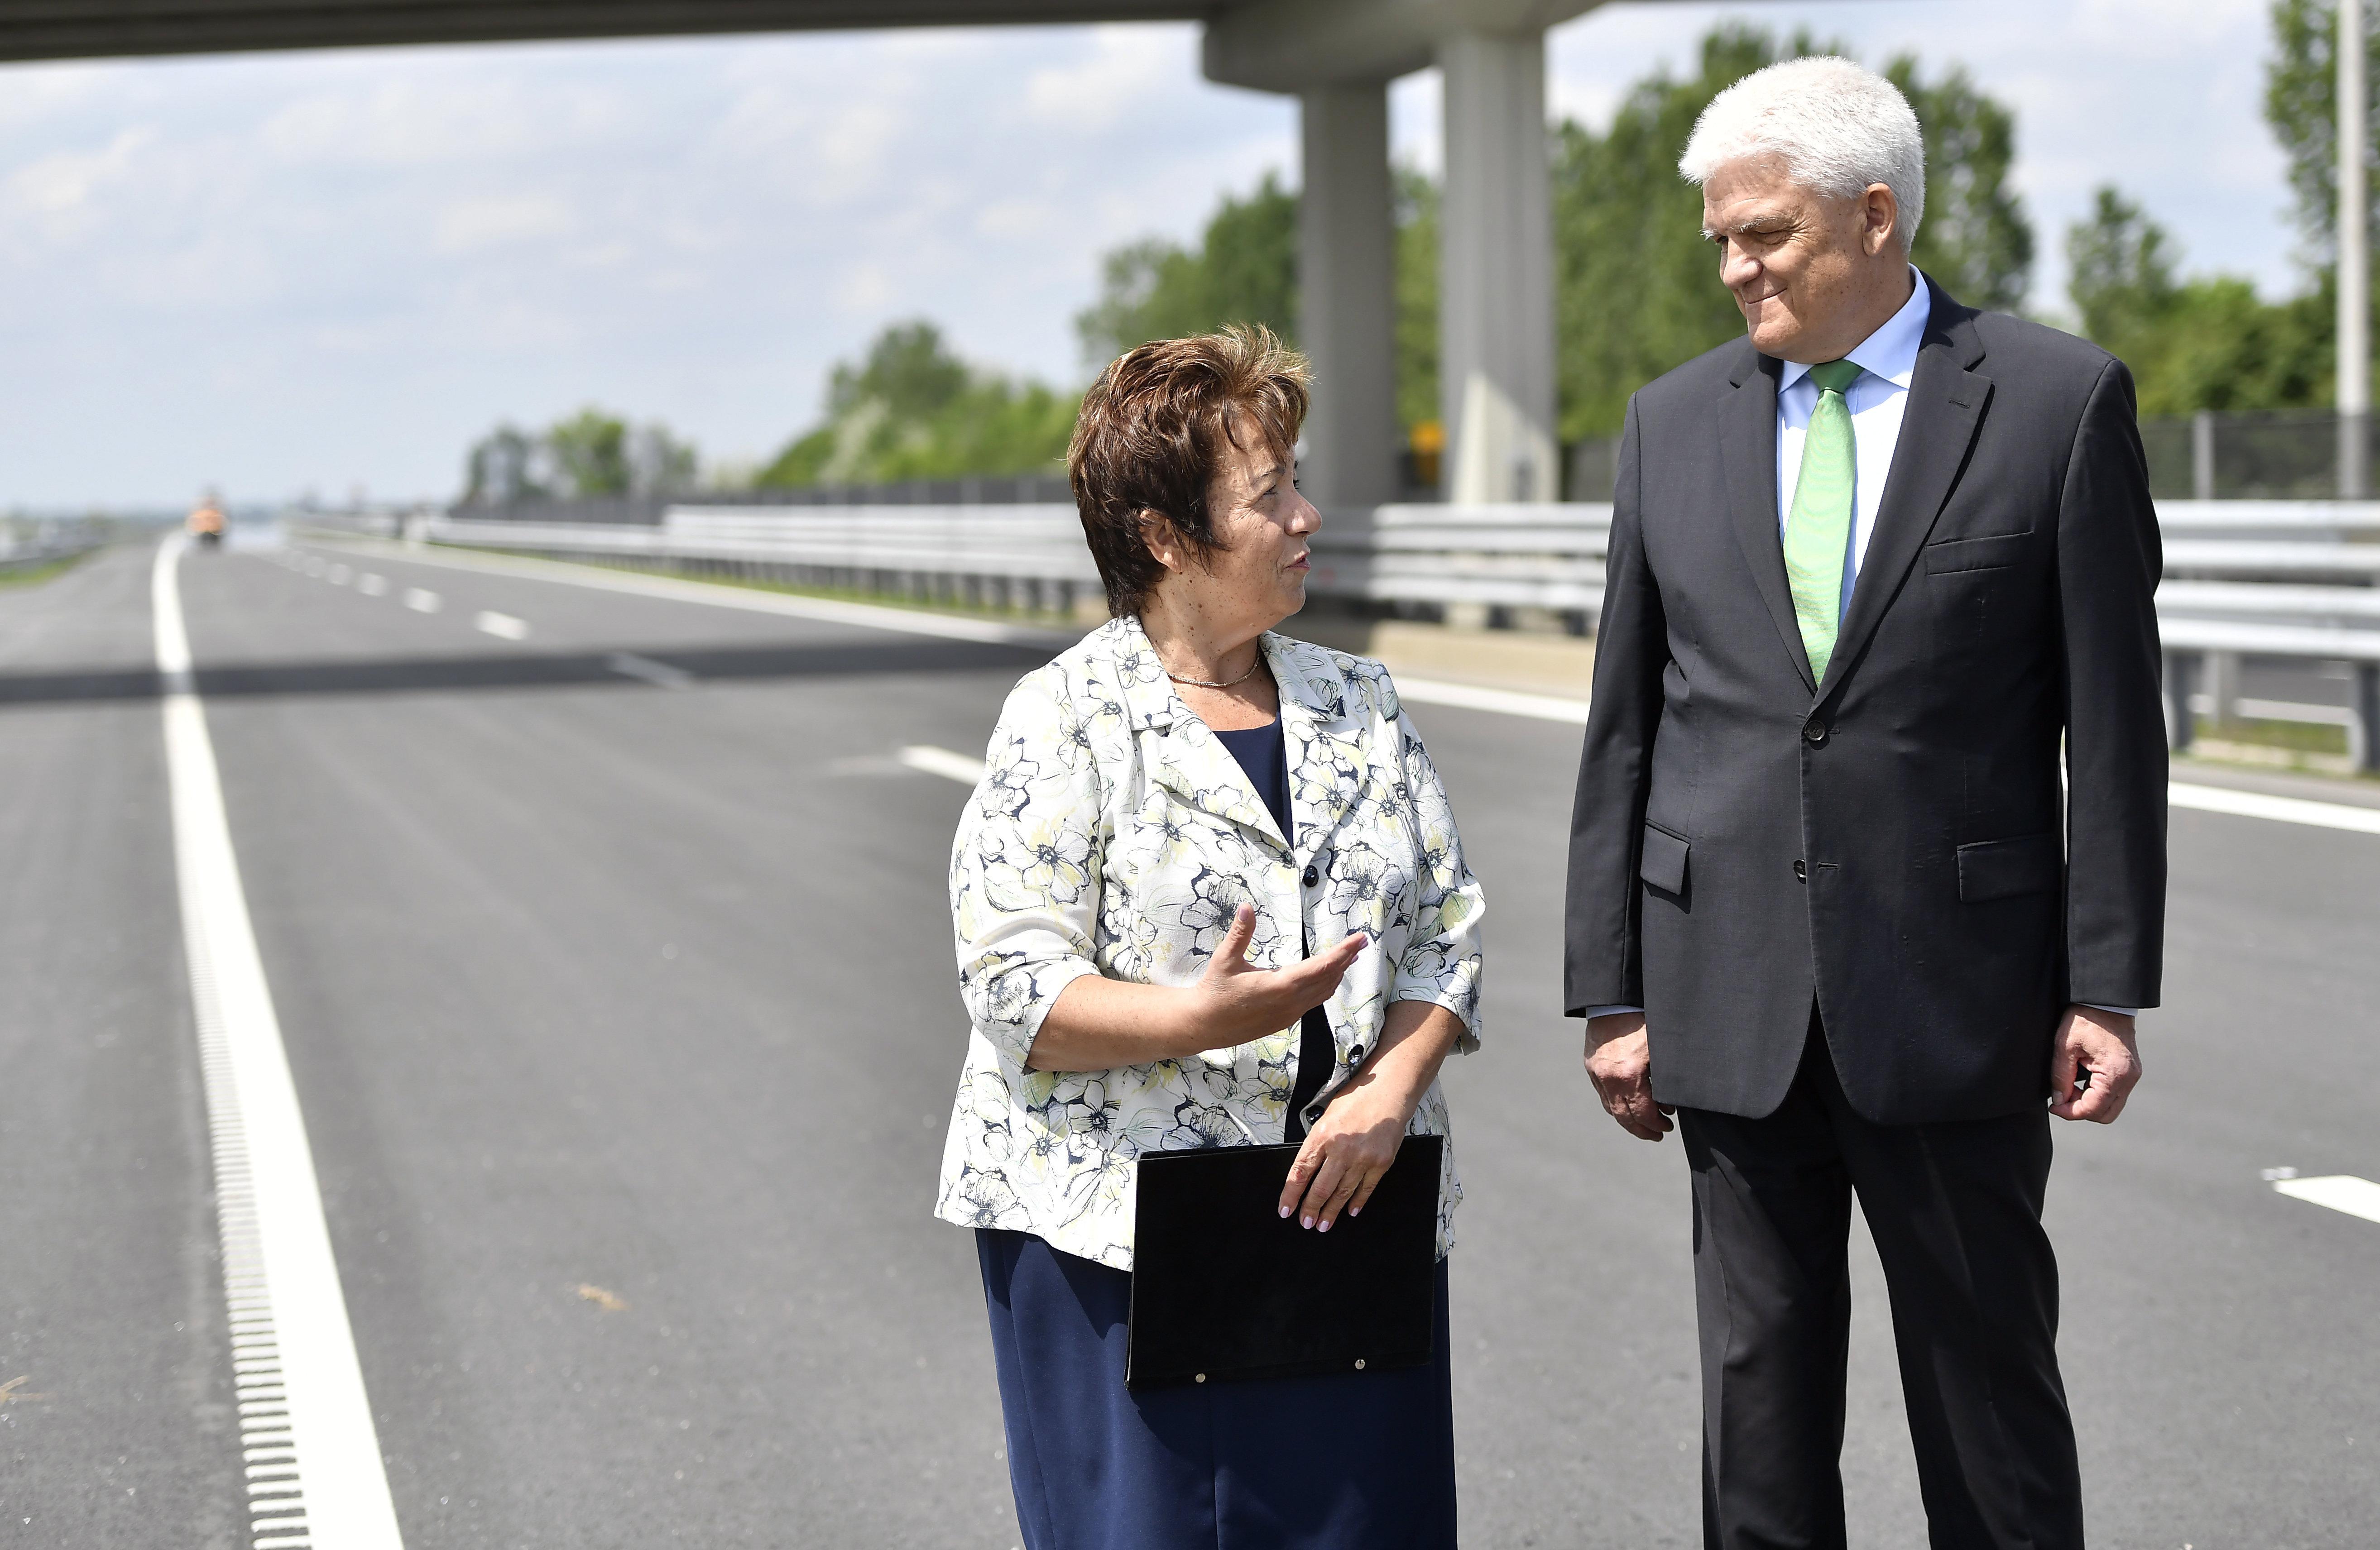 Szolnok fideszes polgármestere és a térség parlamenti képviselője kiállt az M4-esre bejelenteni, hogy egy hónap múlva át lesz adva a szakasz